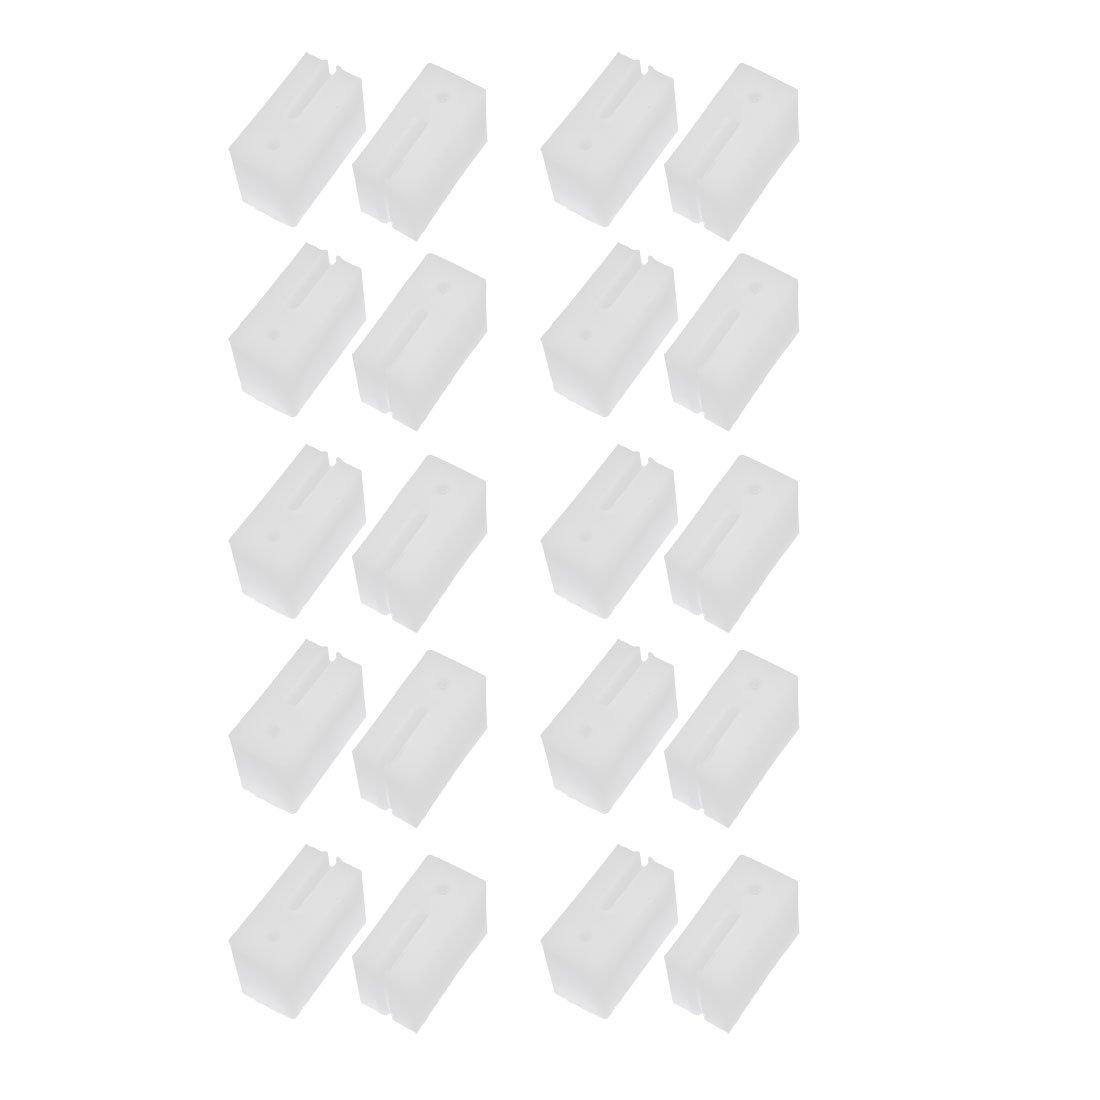 sourcing map Bloque de sujeción de la polea para ventanas de puerta 41mmx21mmx28mm de plástico blanco 20pcs: Amazon.es: Bricolaje y herramientas